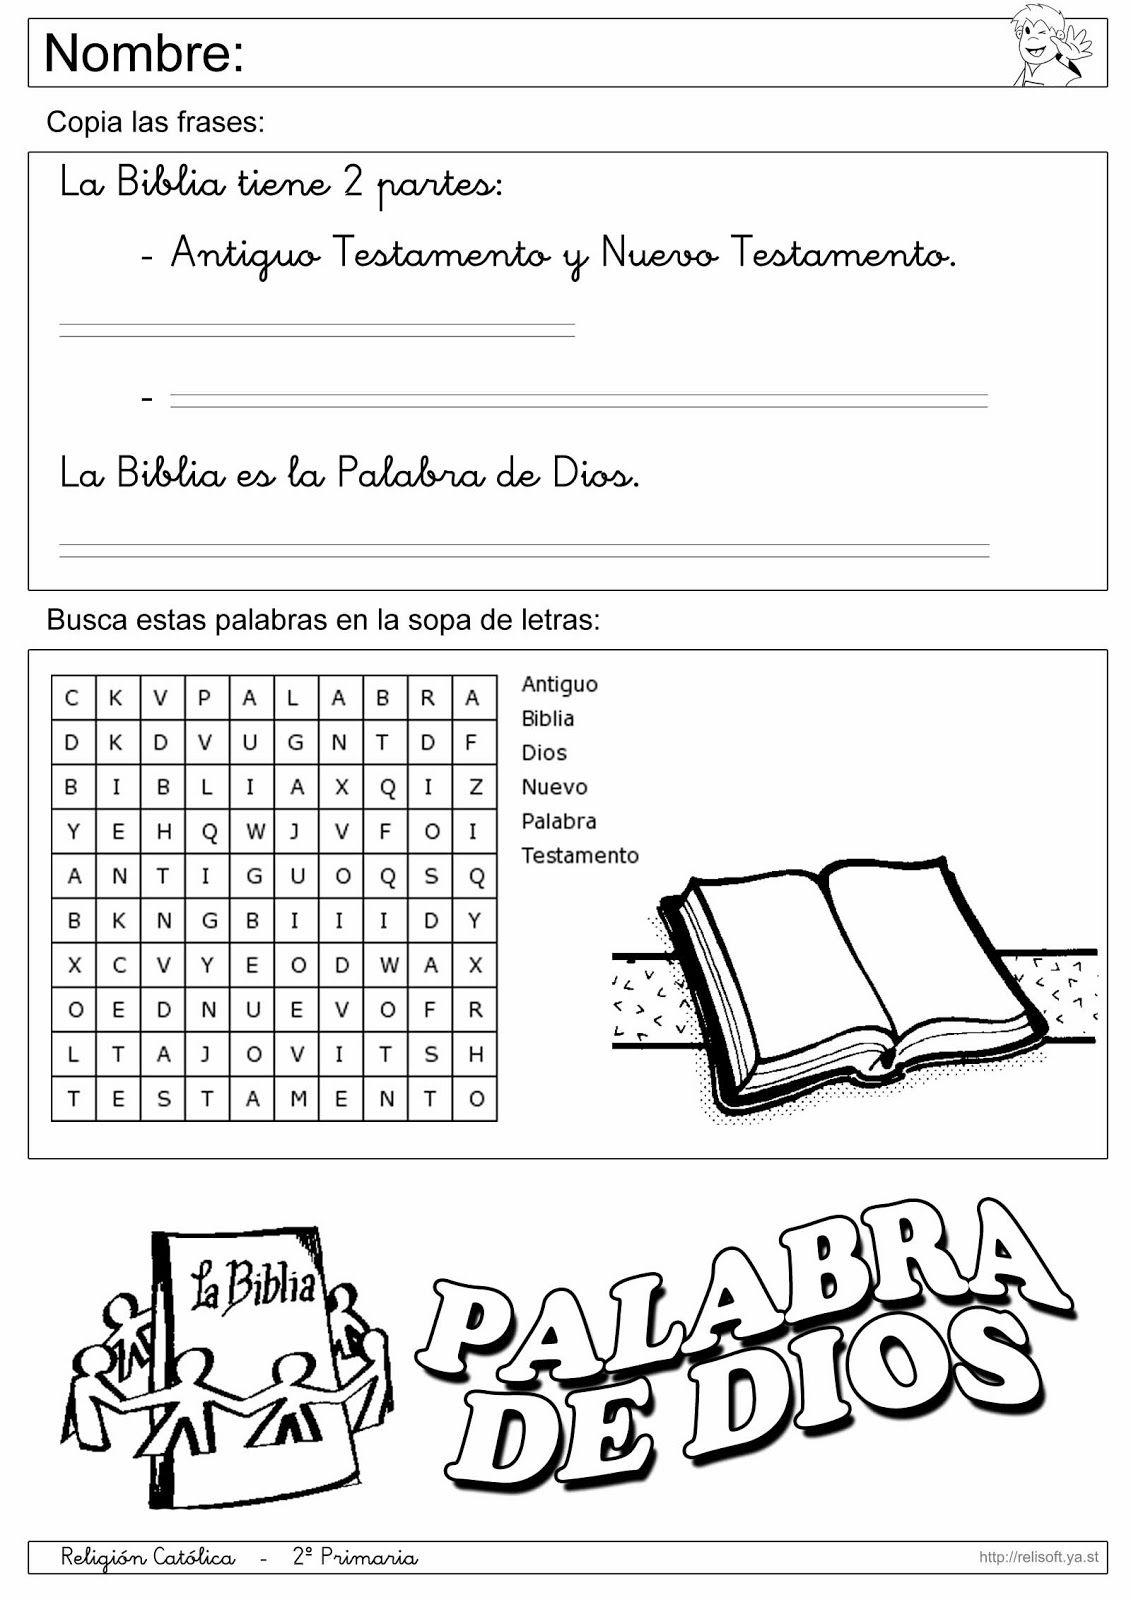 Pin de ROSARIO ROBLES en NIÑOS BENDECIDOS | Pinterest | Religiones ...